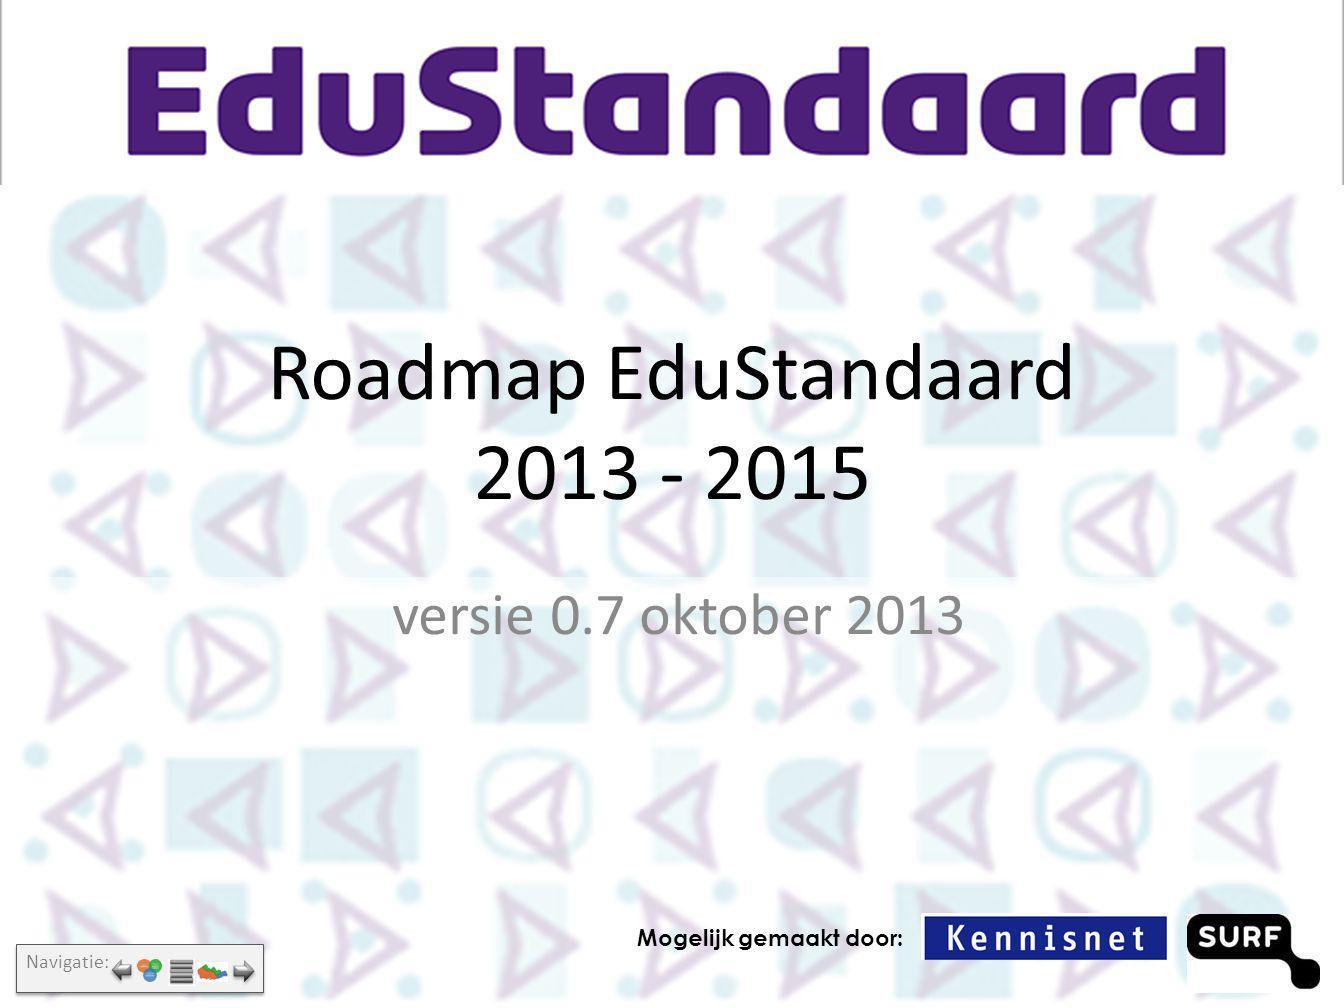 Roadmap EduStandaard 2013 - 2015